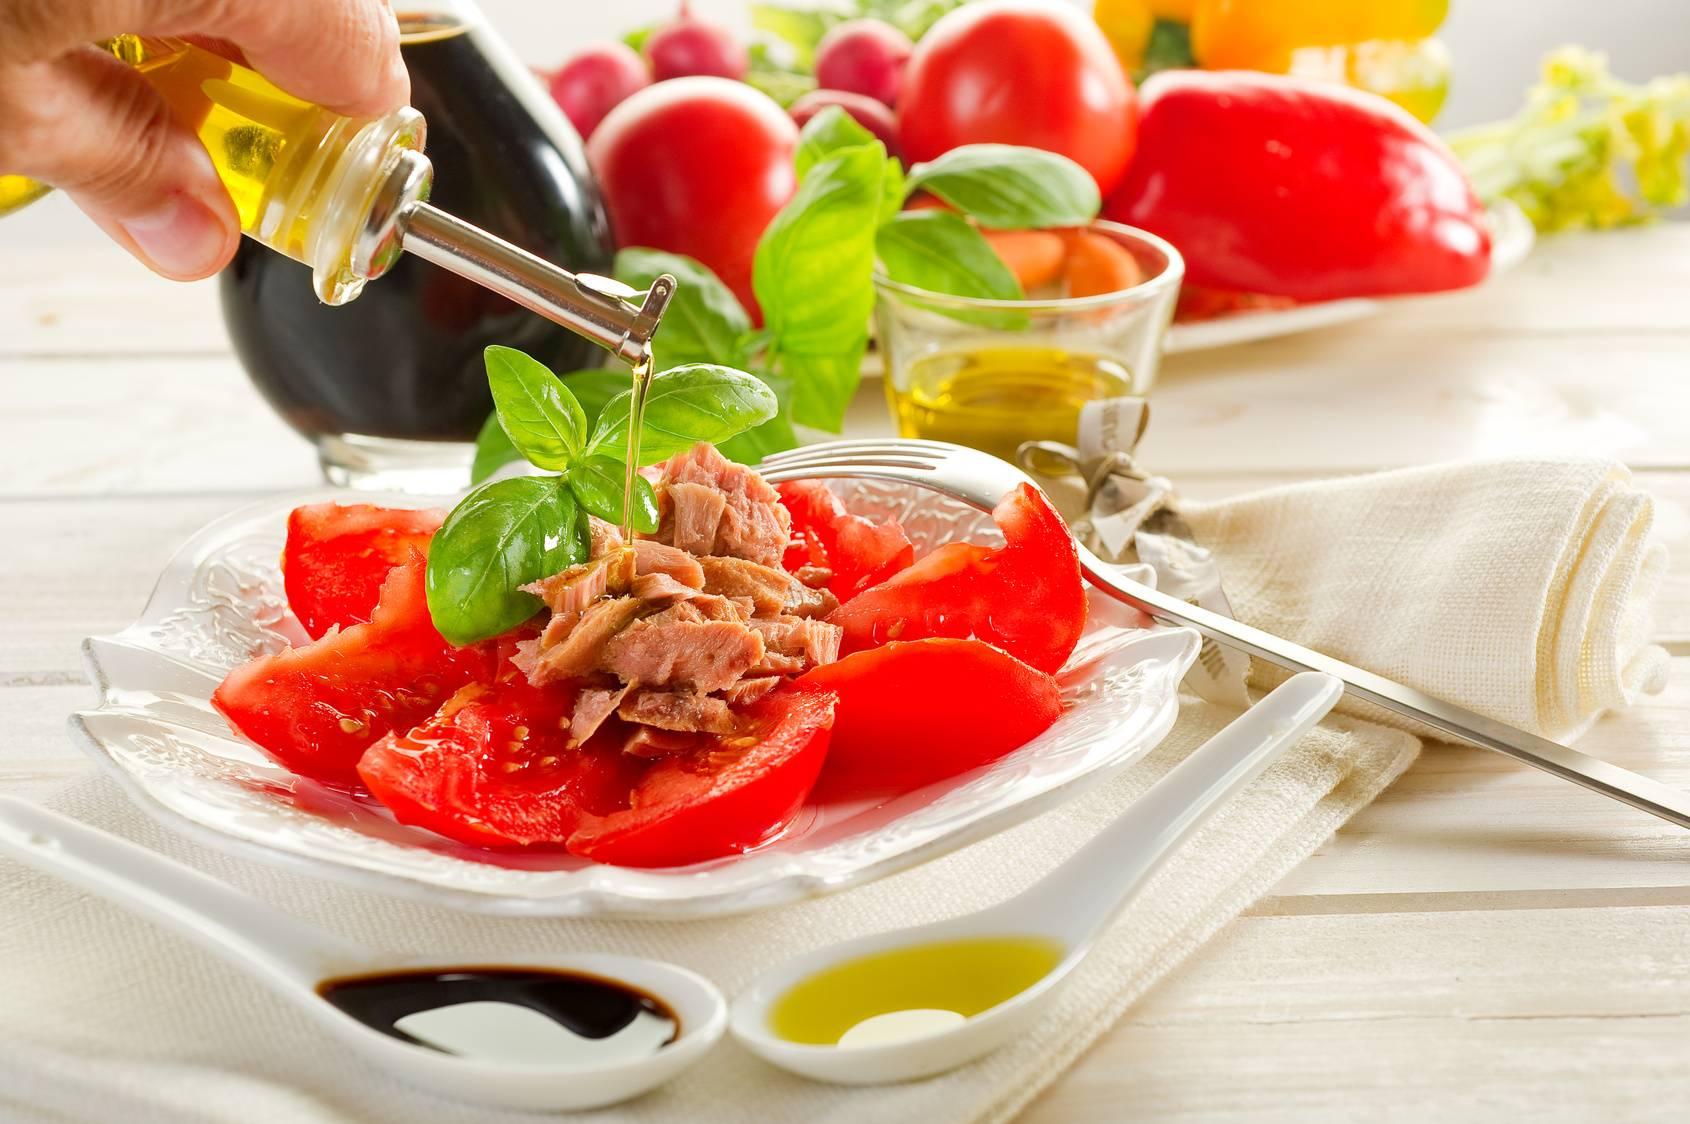 mehr als nur cevapcici - kroatien kulinarisch   besserhaushalten